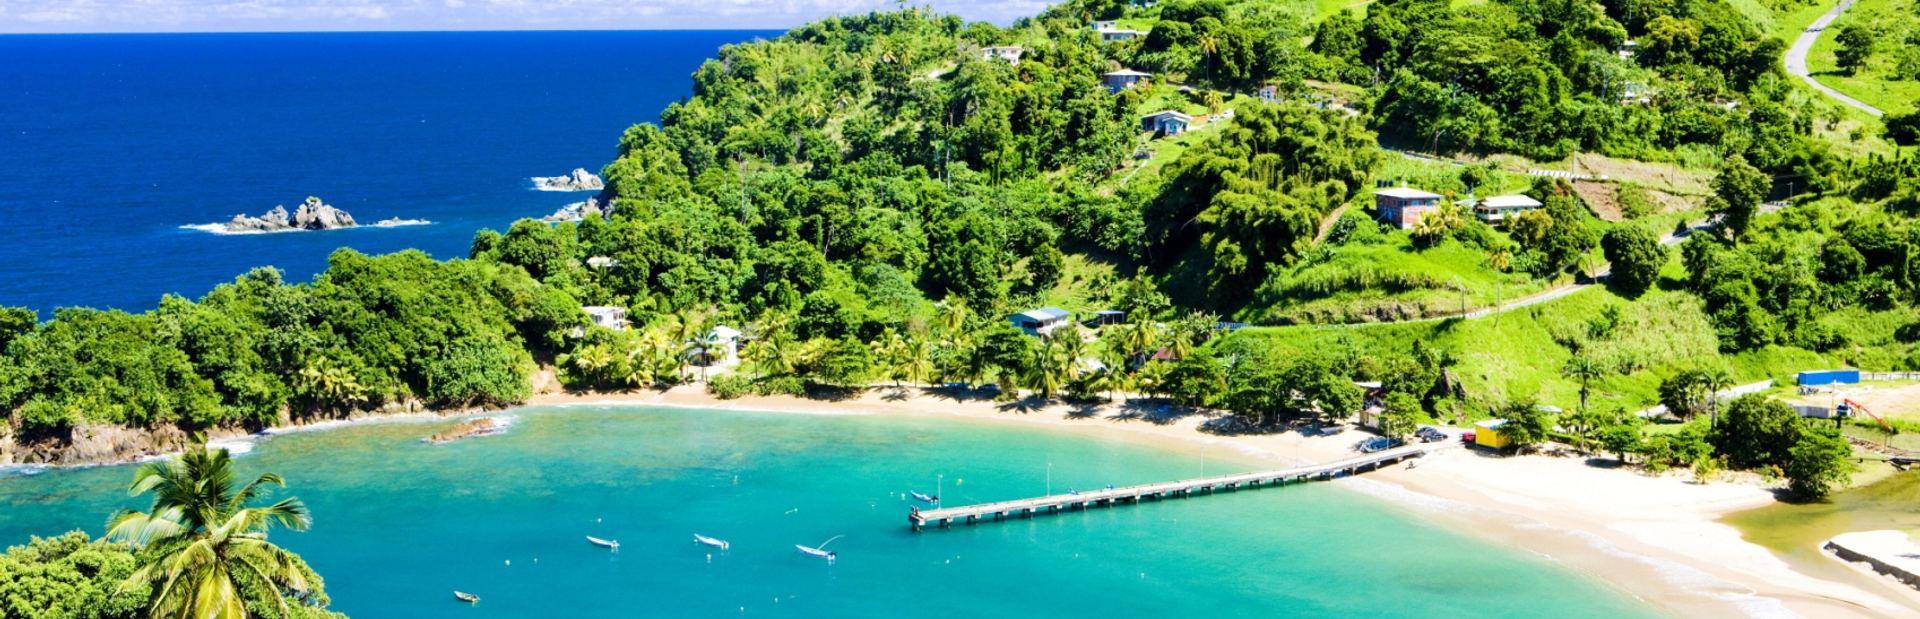 Trinidad & Tobago guide